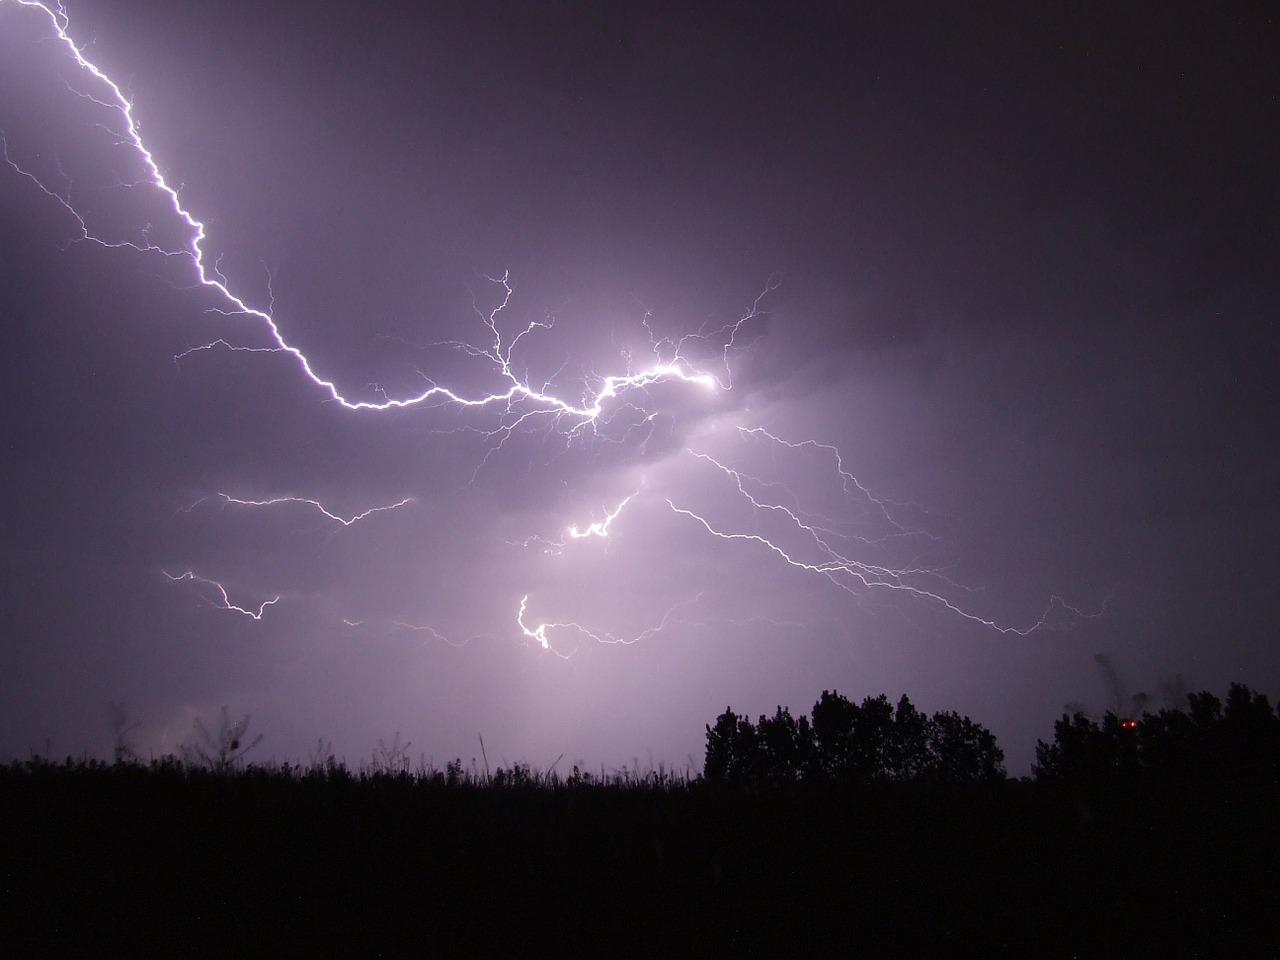 lightning-342341_1280.jpg